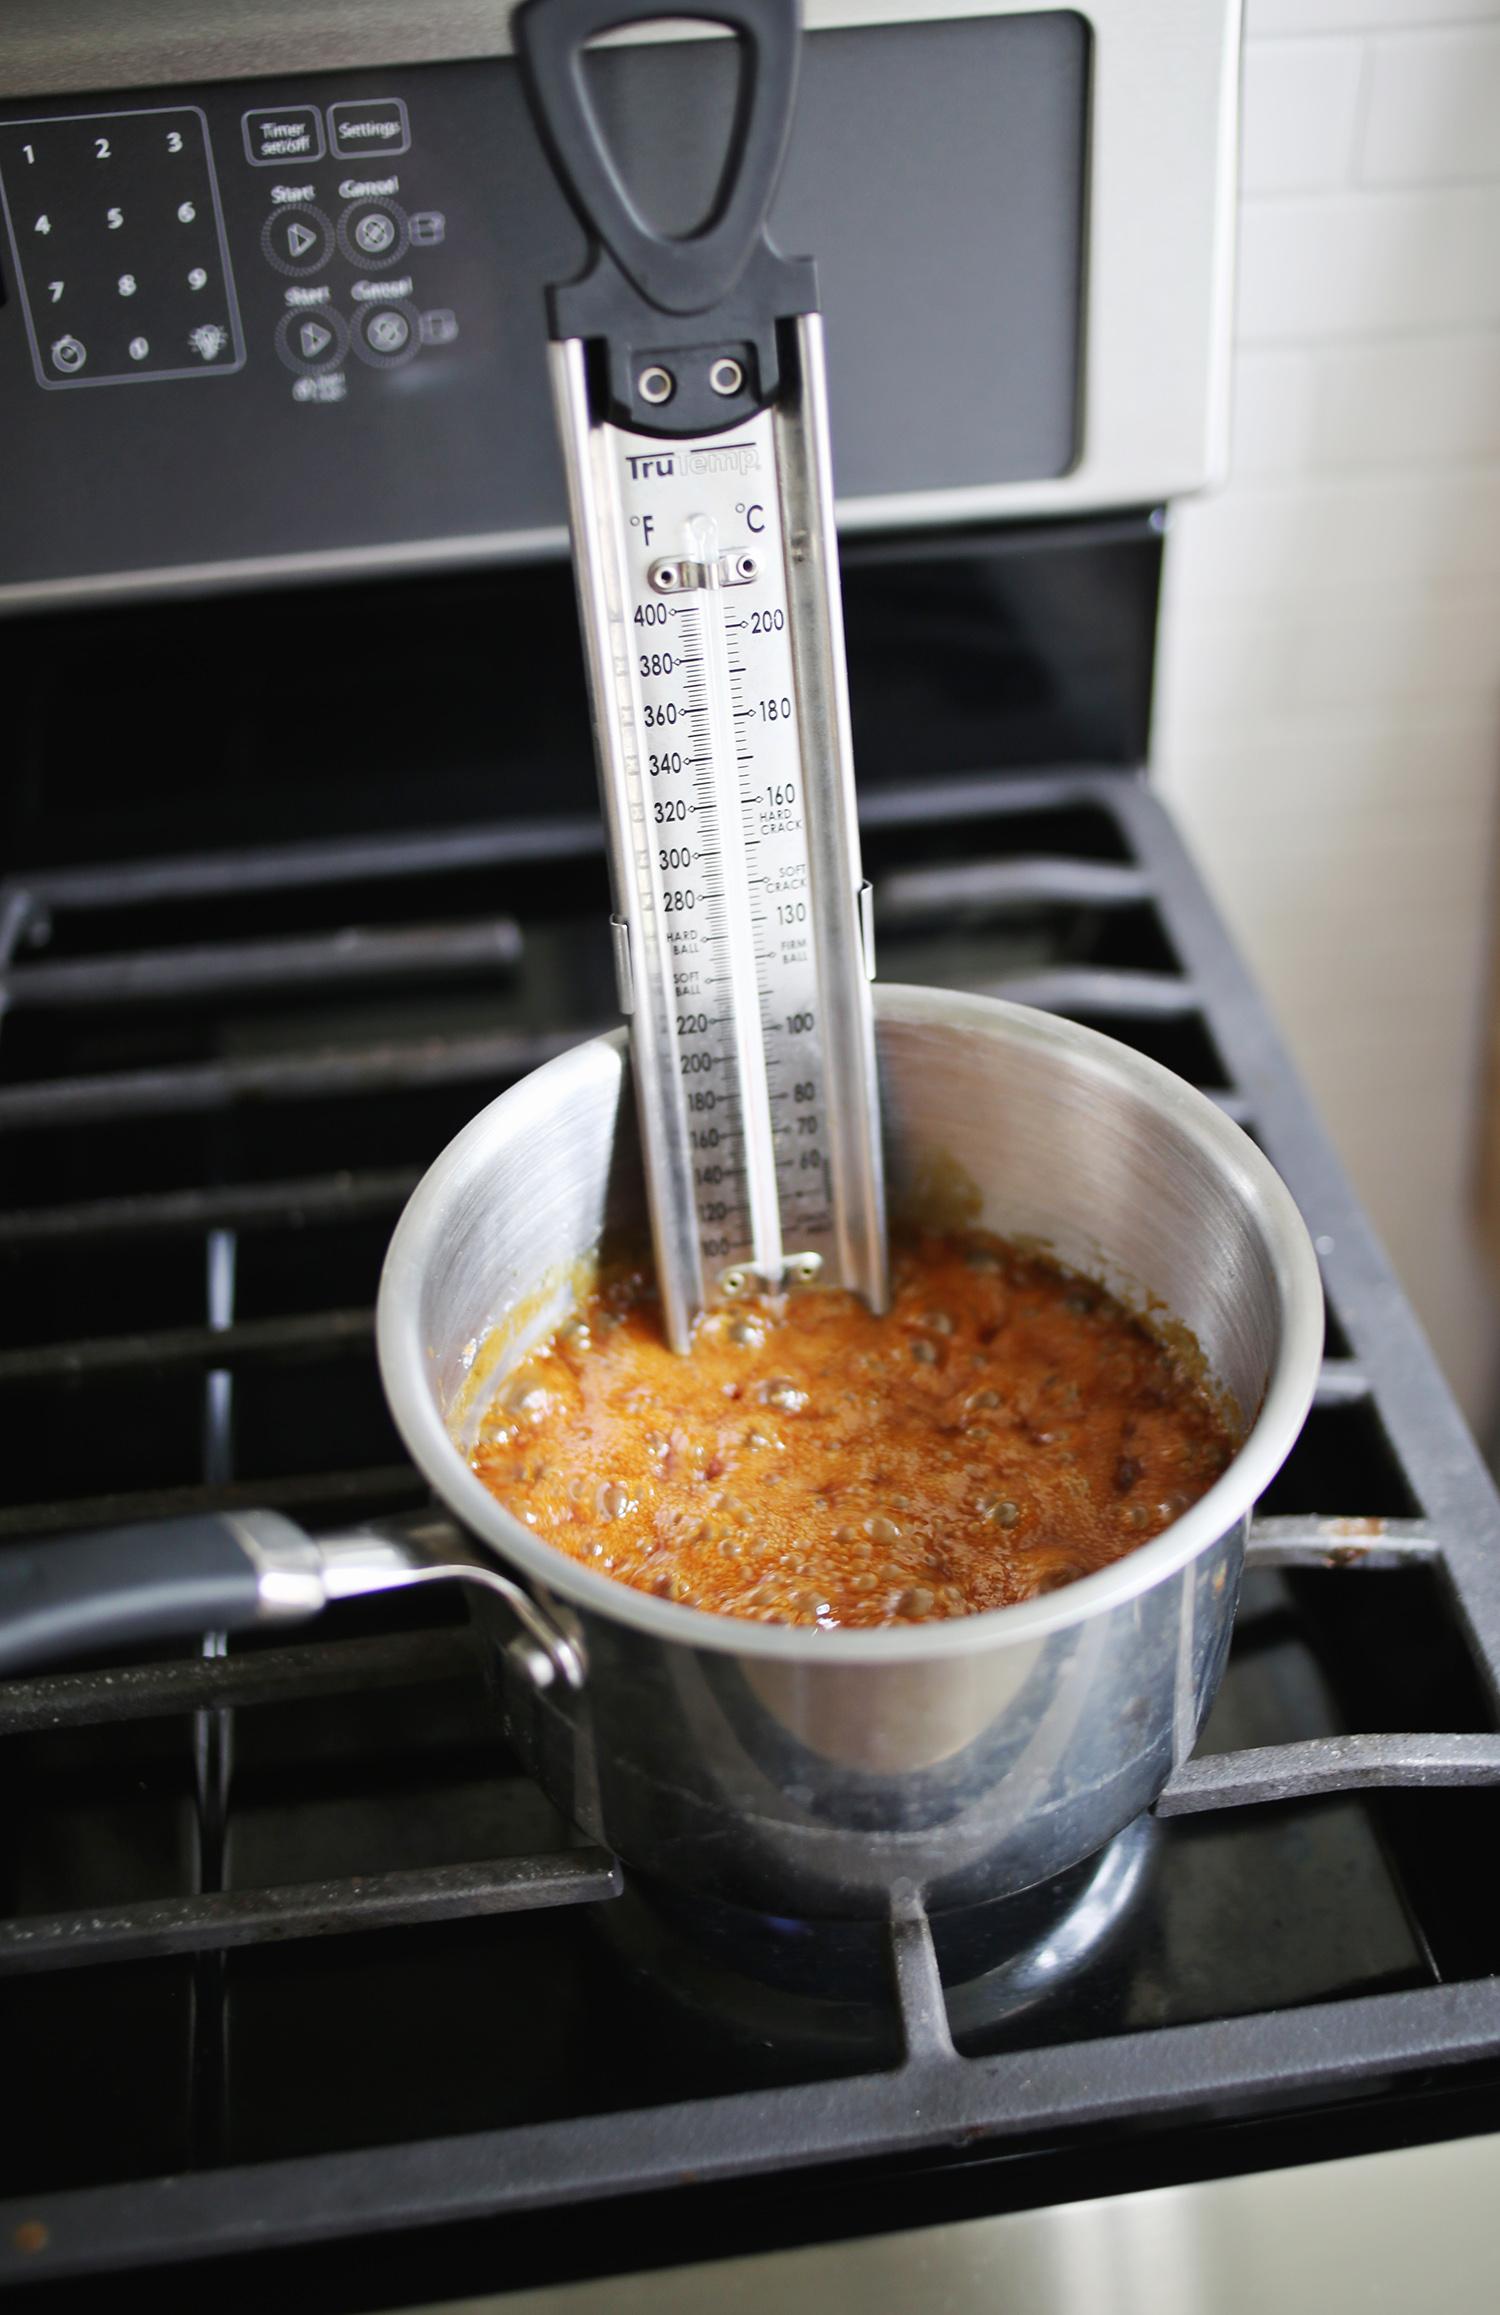 How to make homemade caramel